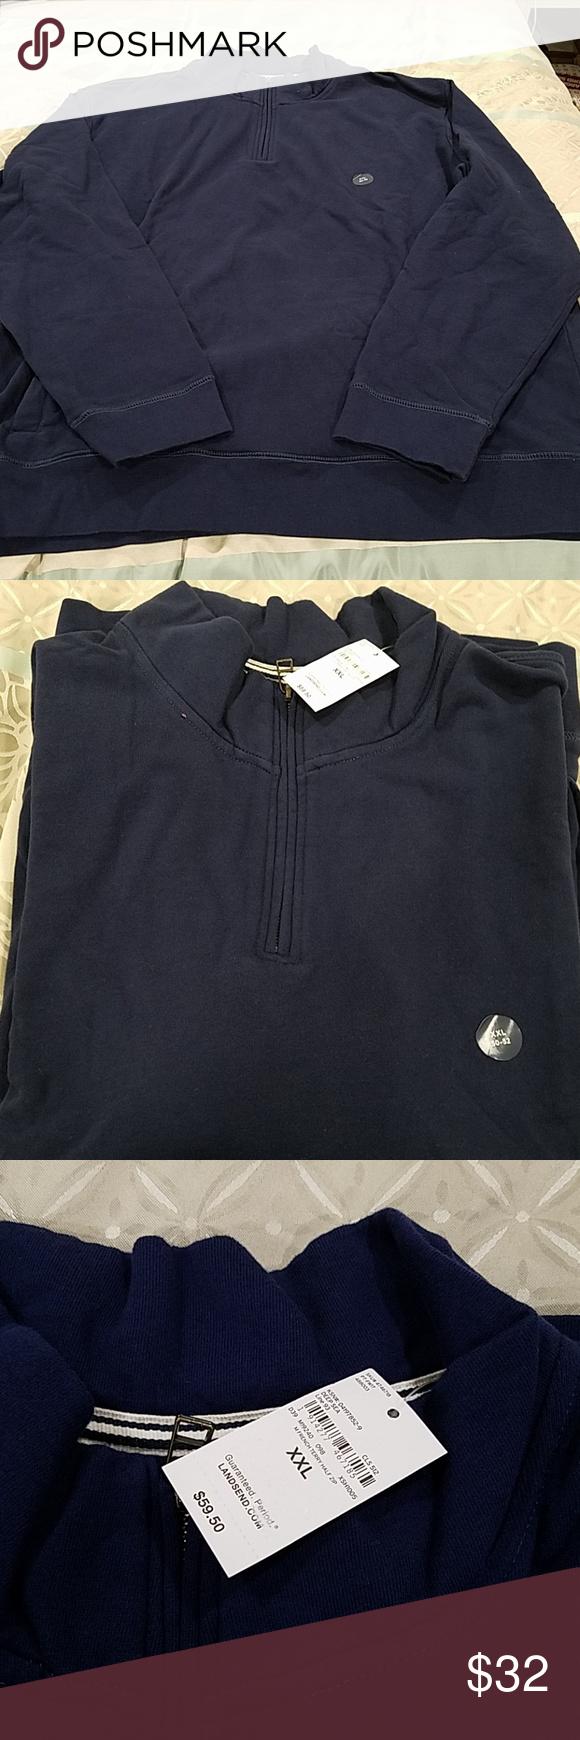 Lands End Men S Sweatshirt Mens Sweatshirts Long Sleeve Tshirt Men Sweatshirt Shirt [ 1740 x 580 Pixel ]